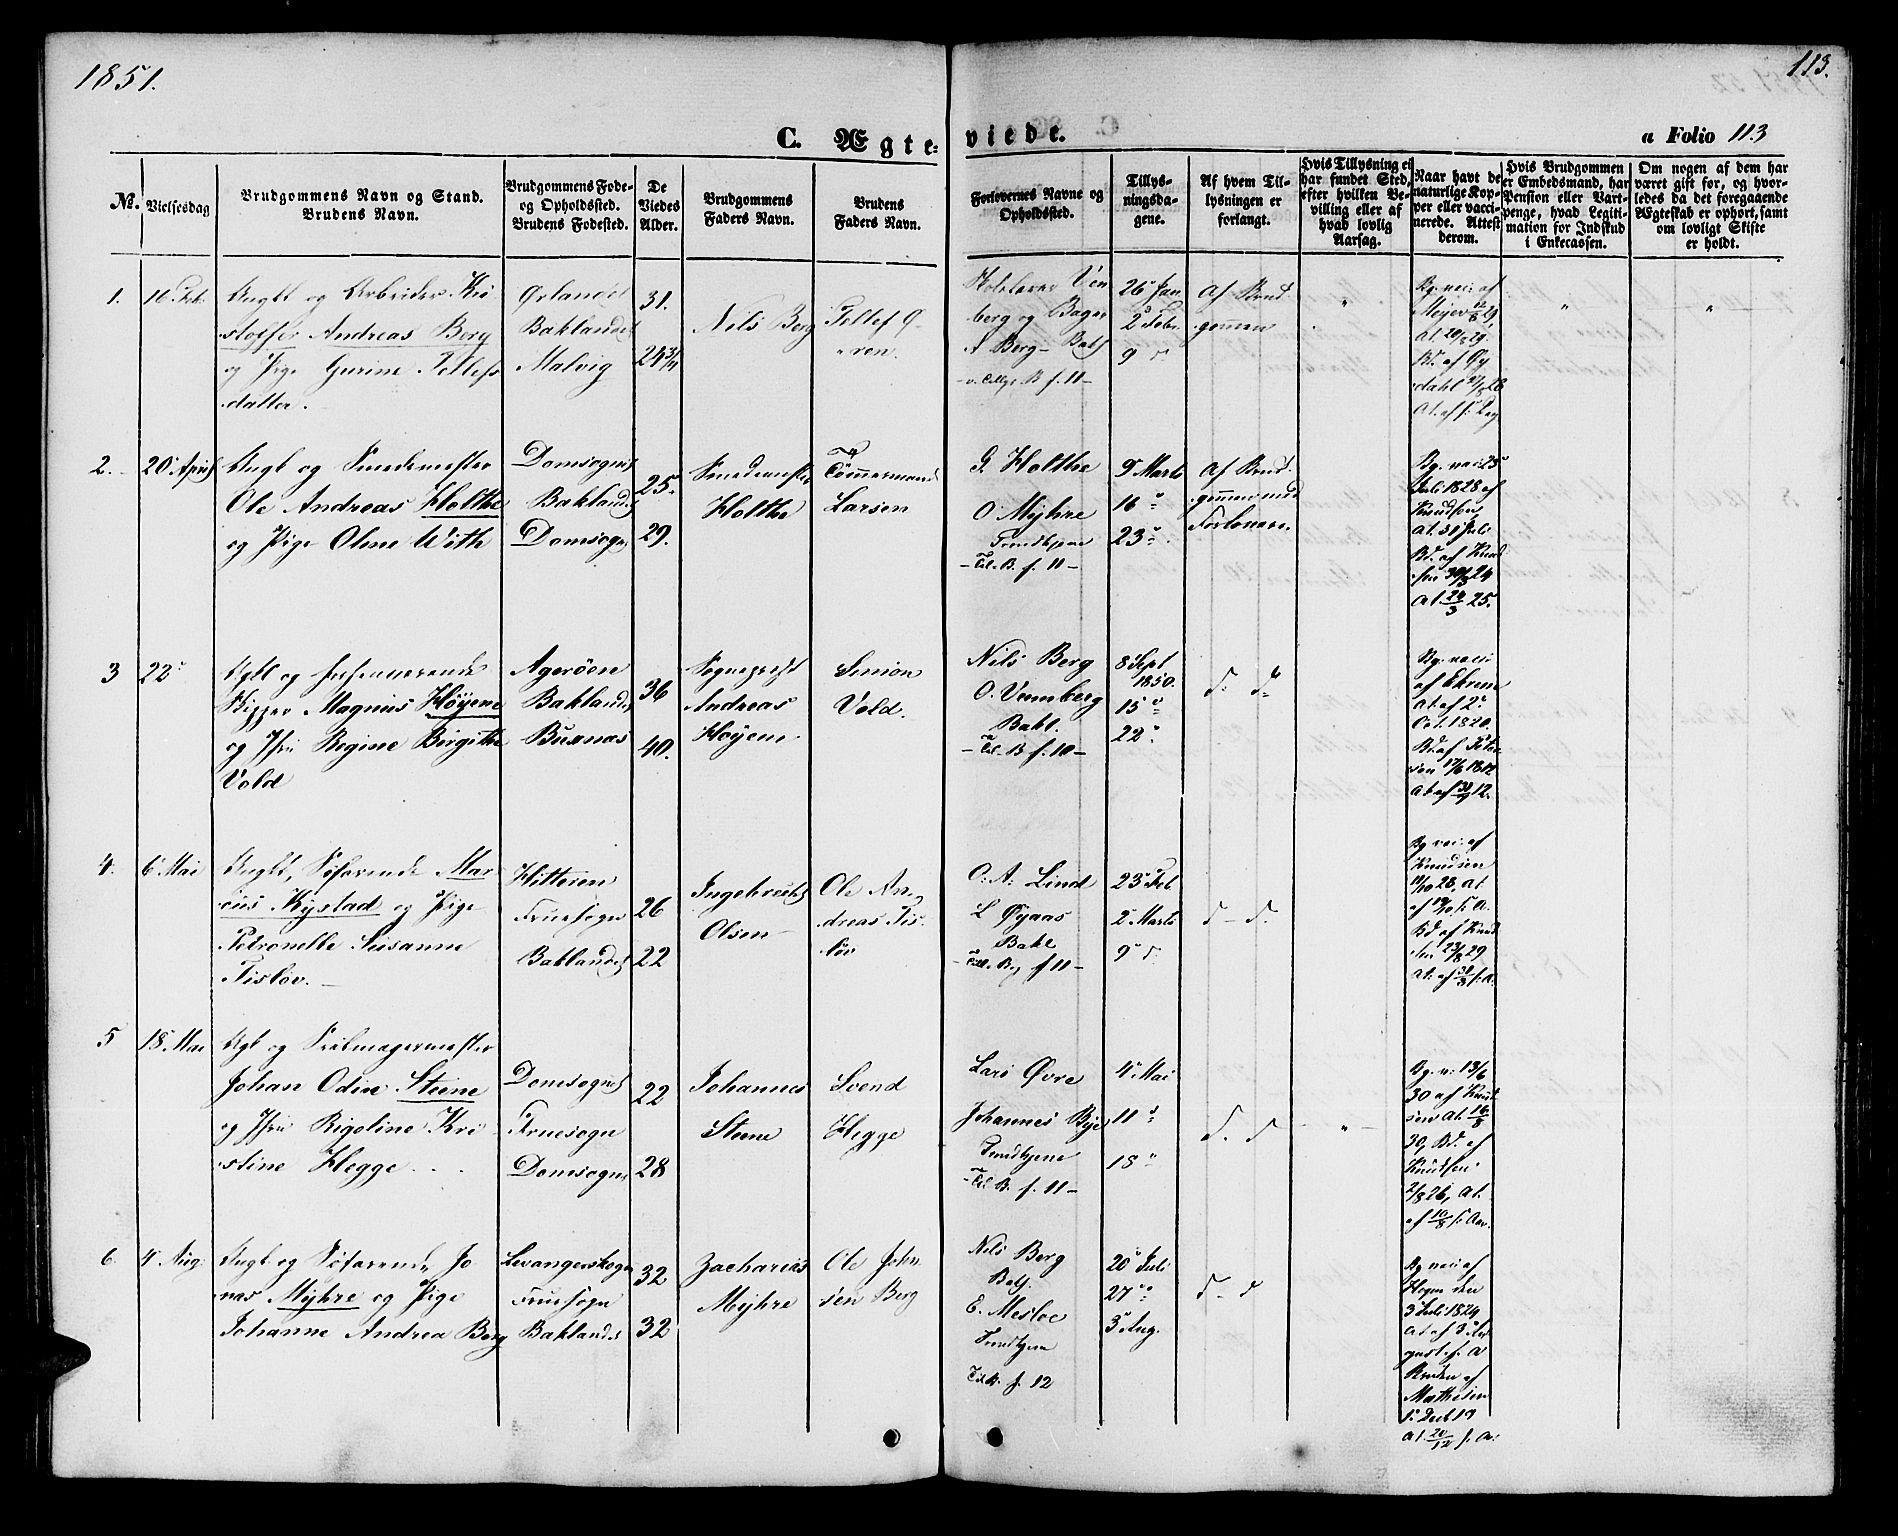 SAT, Ministerialprotokoller, klokkerbøker og fødselsregistre - Sør-Trøndelag, 604/L0184: Ministerialbok nr. 604A05, 1851-1860, s. 113